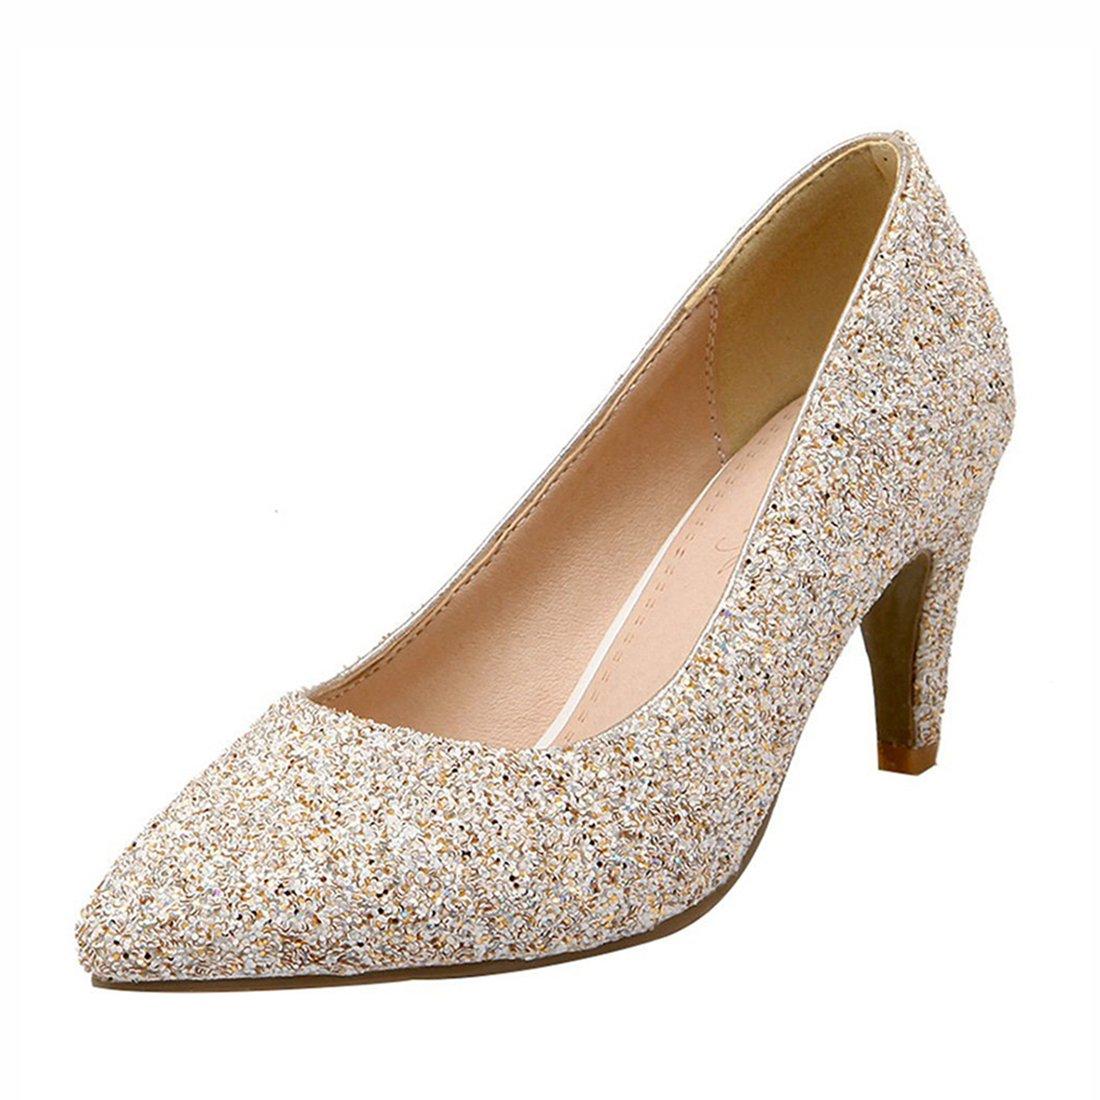 4c4dd23d948a91 Agodor Damen High Heels Stiletto Pumps mit Strass und Glitzer Spitze  Elegant Braut Hochzeit Schuhe - sommerprogramme.de